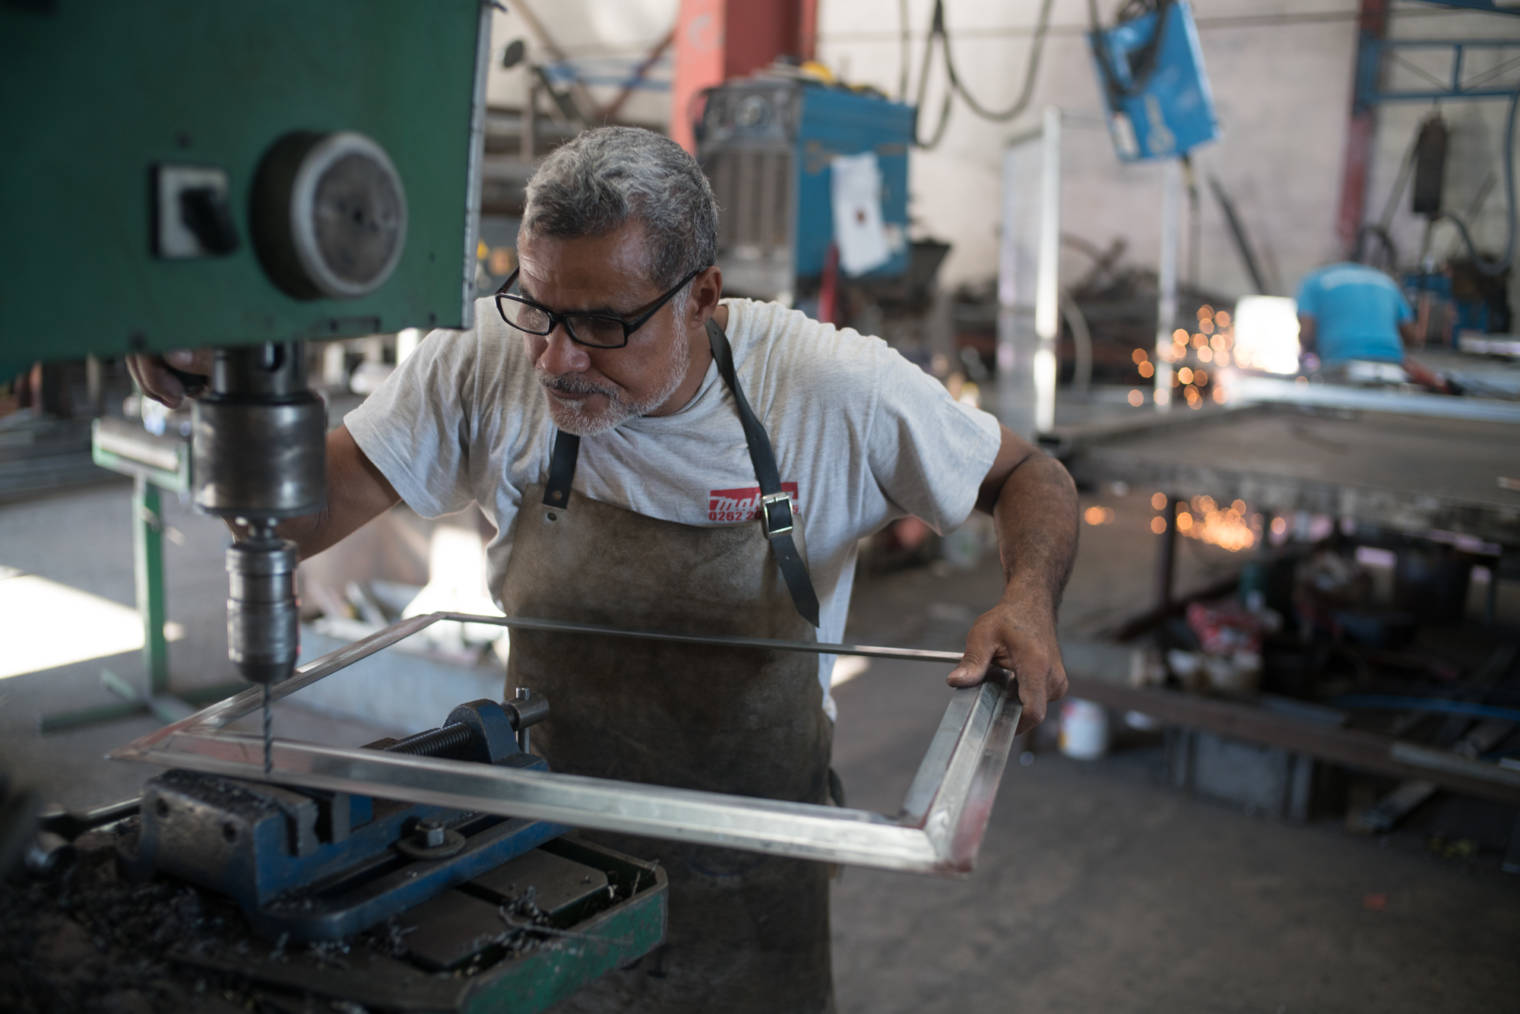 Jean-Claude travaille sur un cadre métallique avec une perceuse à colonne..